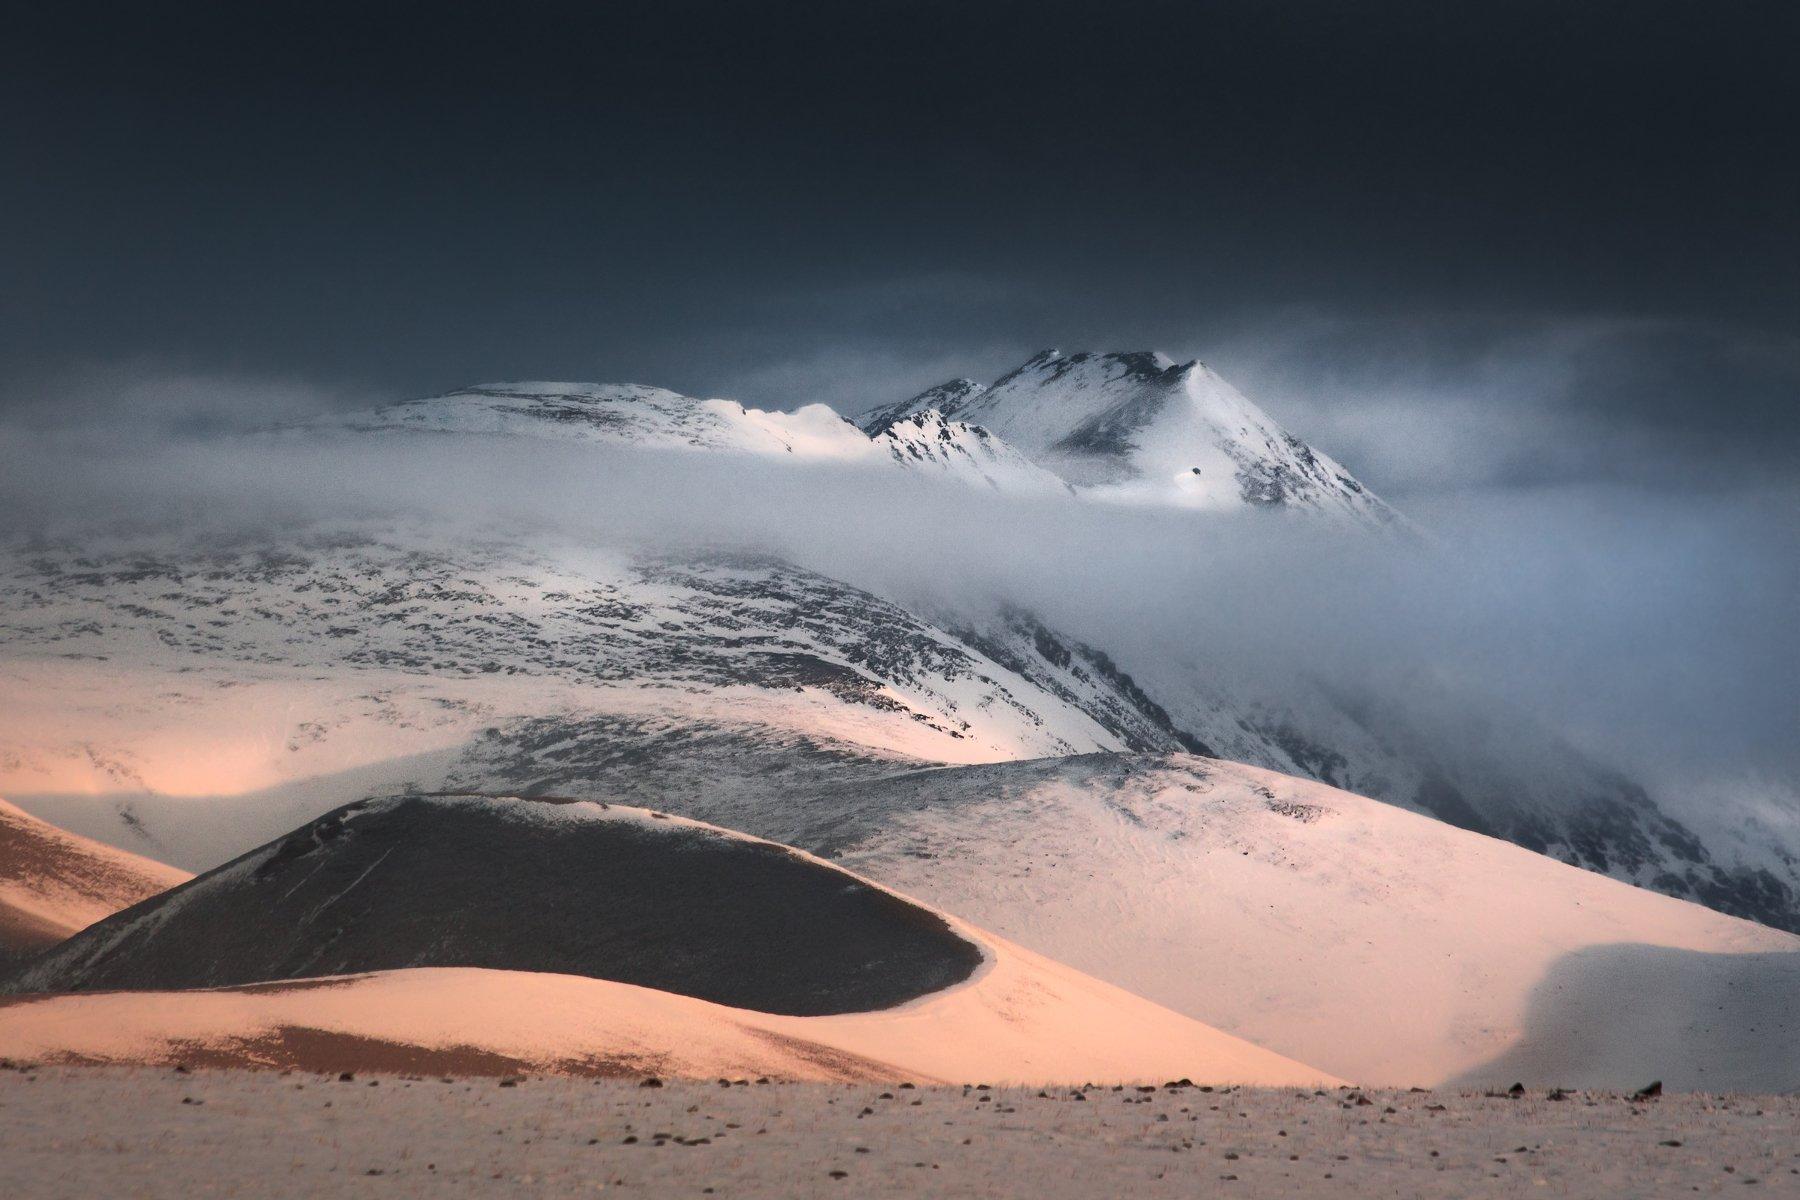 алтай, горы, курай, природа, пейзаж, осень, снег, утро, восход, туман, свет, Денис Соломахин